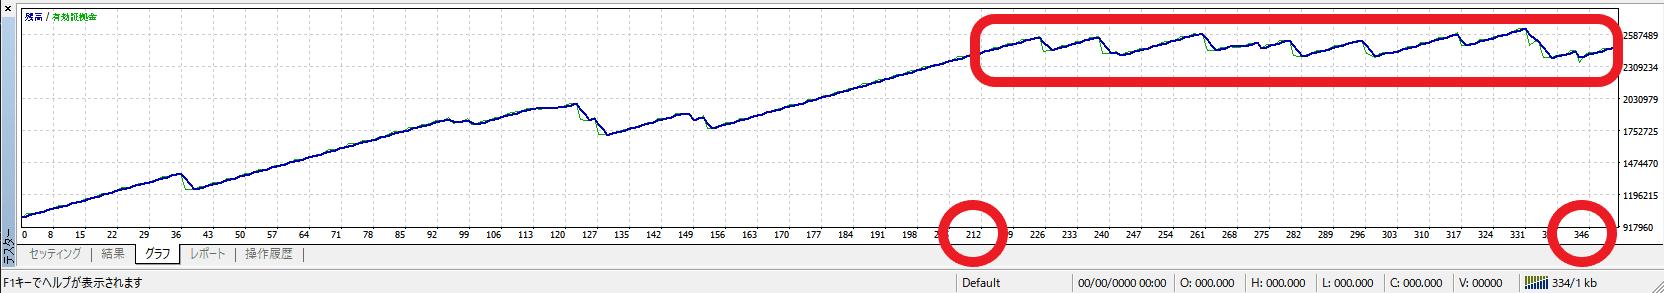 停滞グラフ